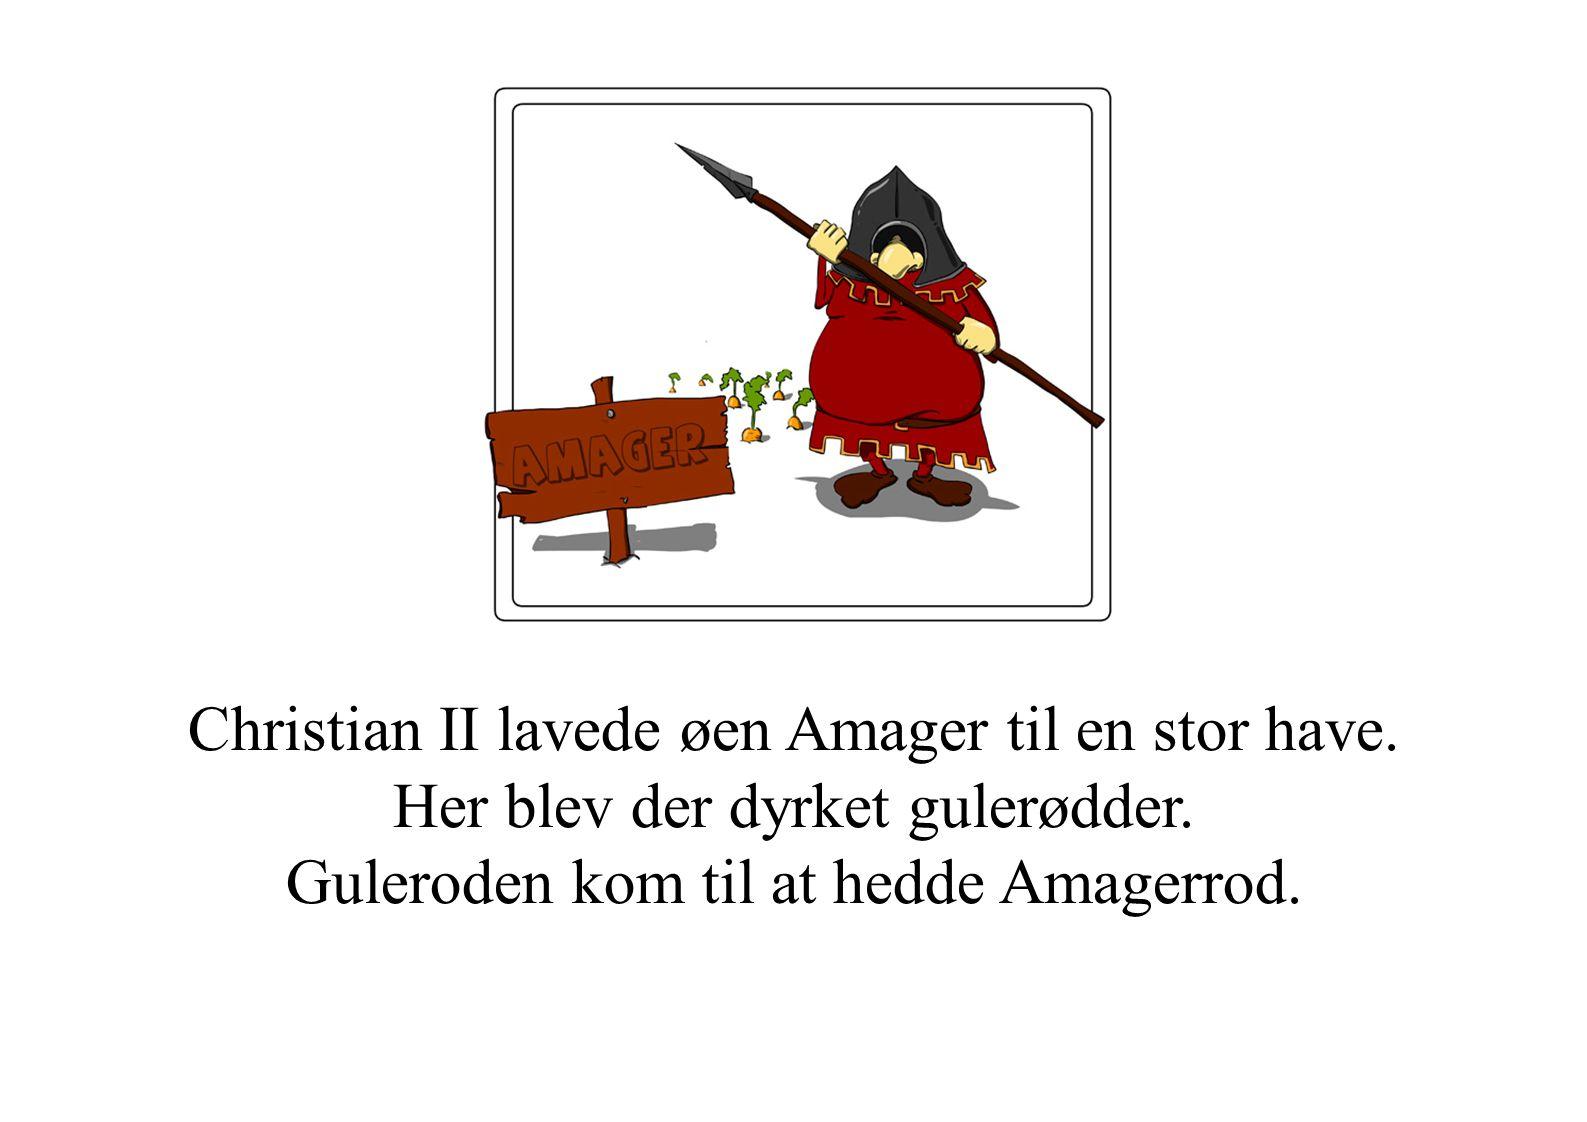 Christian II lavede øen Amager til en stor have